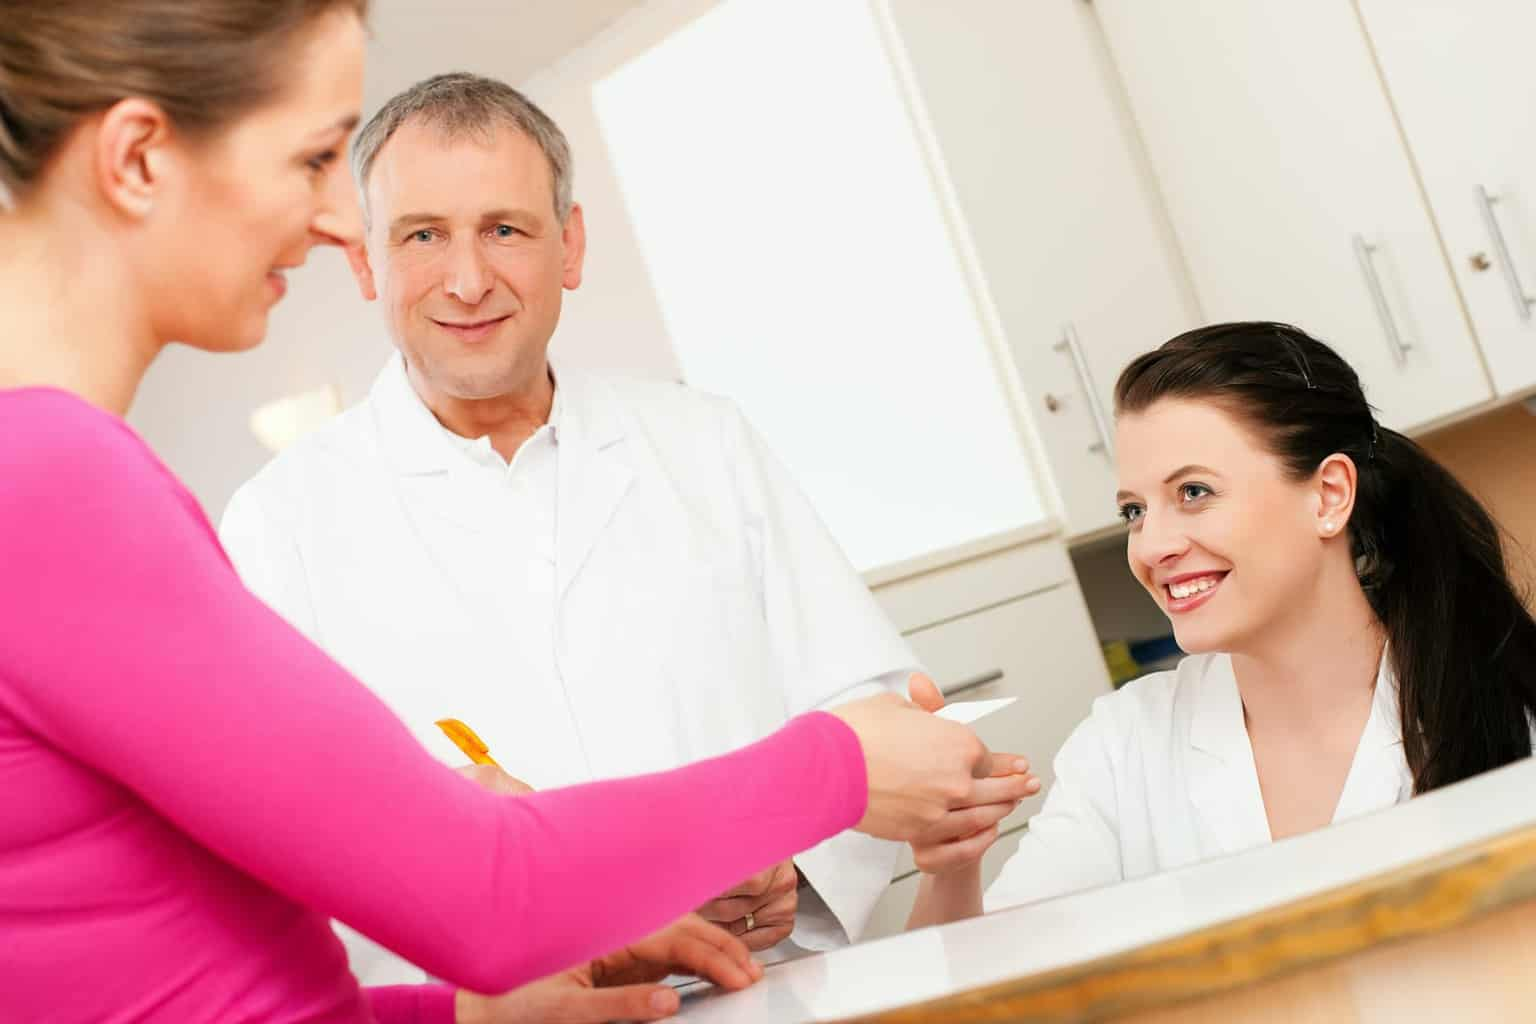 Comment devenir secrétaire médicale | Formation et débouchés